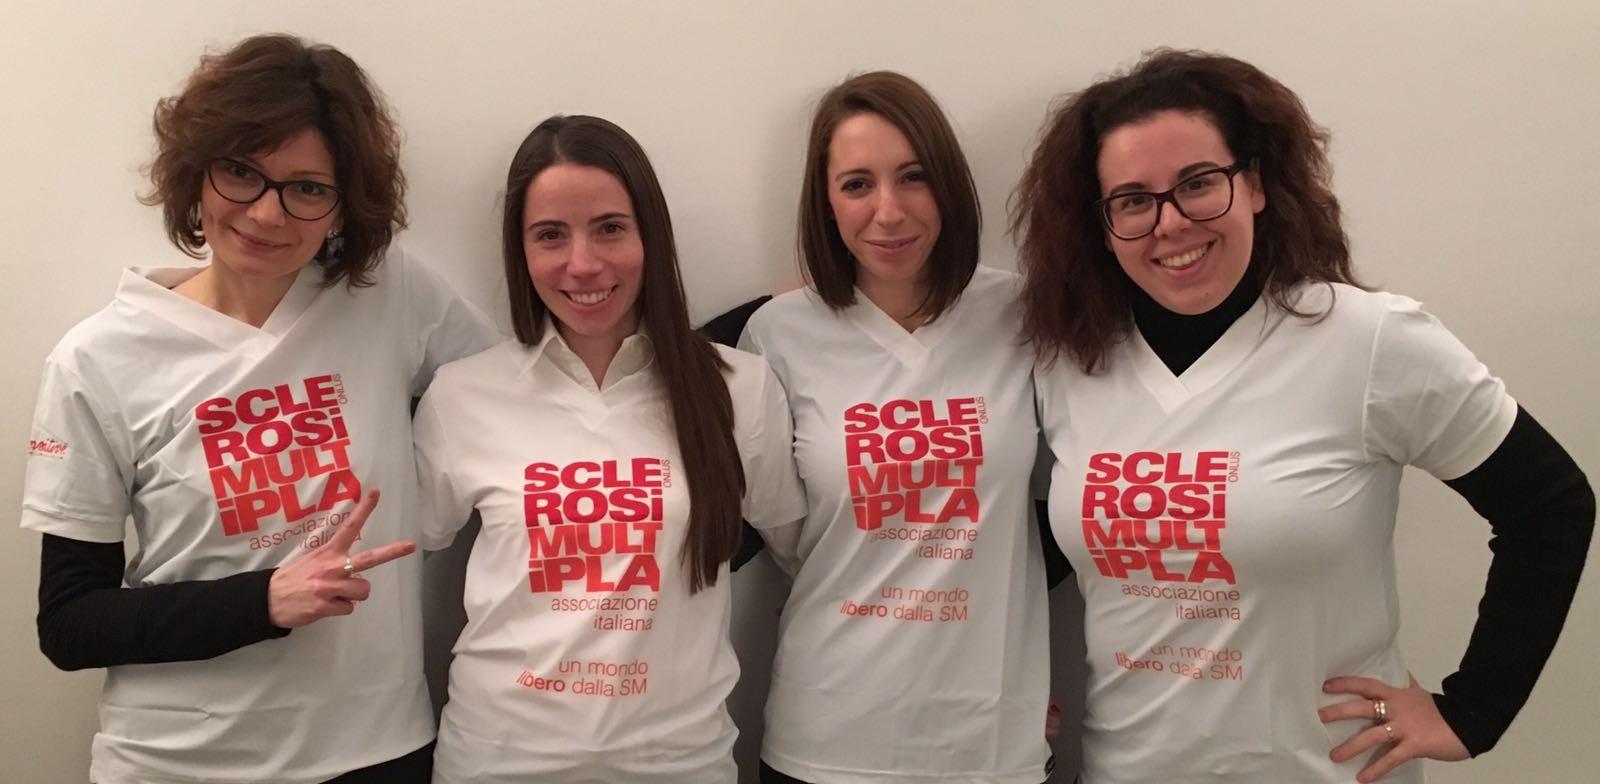 RUN 4 AISM - RUN 4 FRA-Francesca Derghi